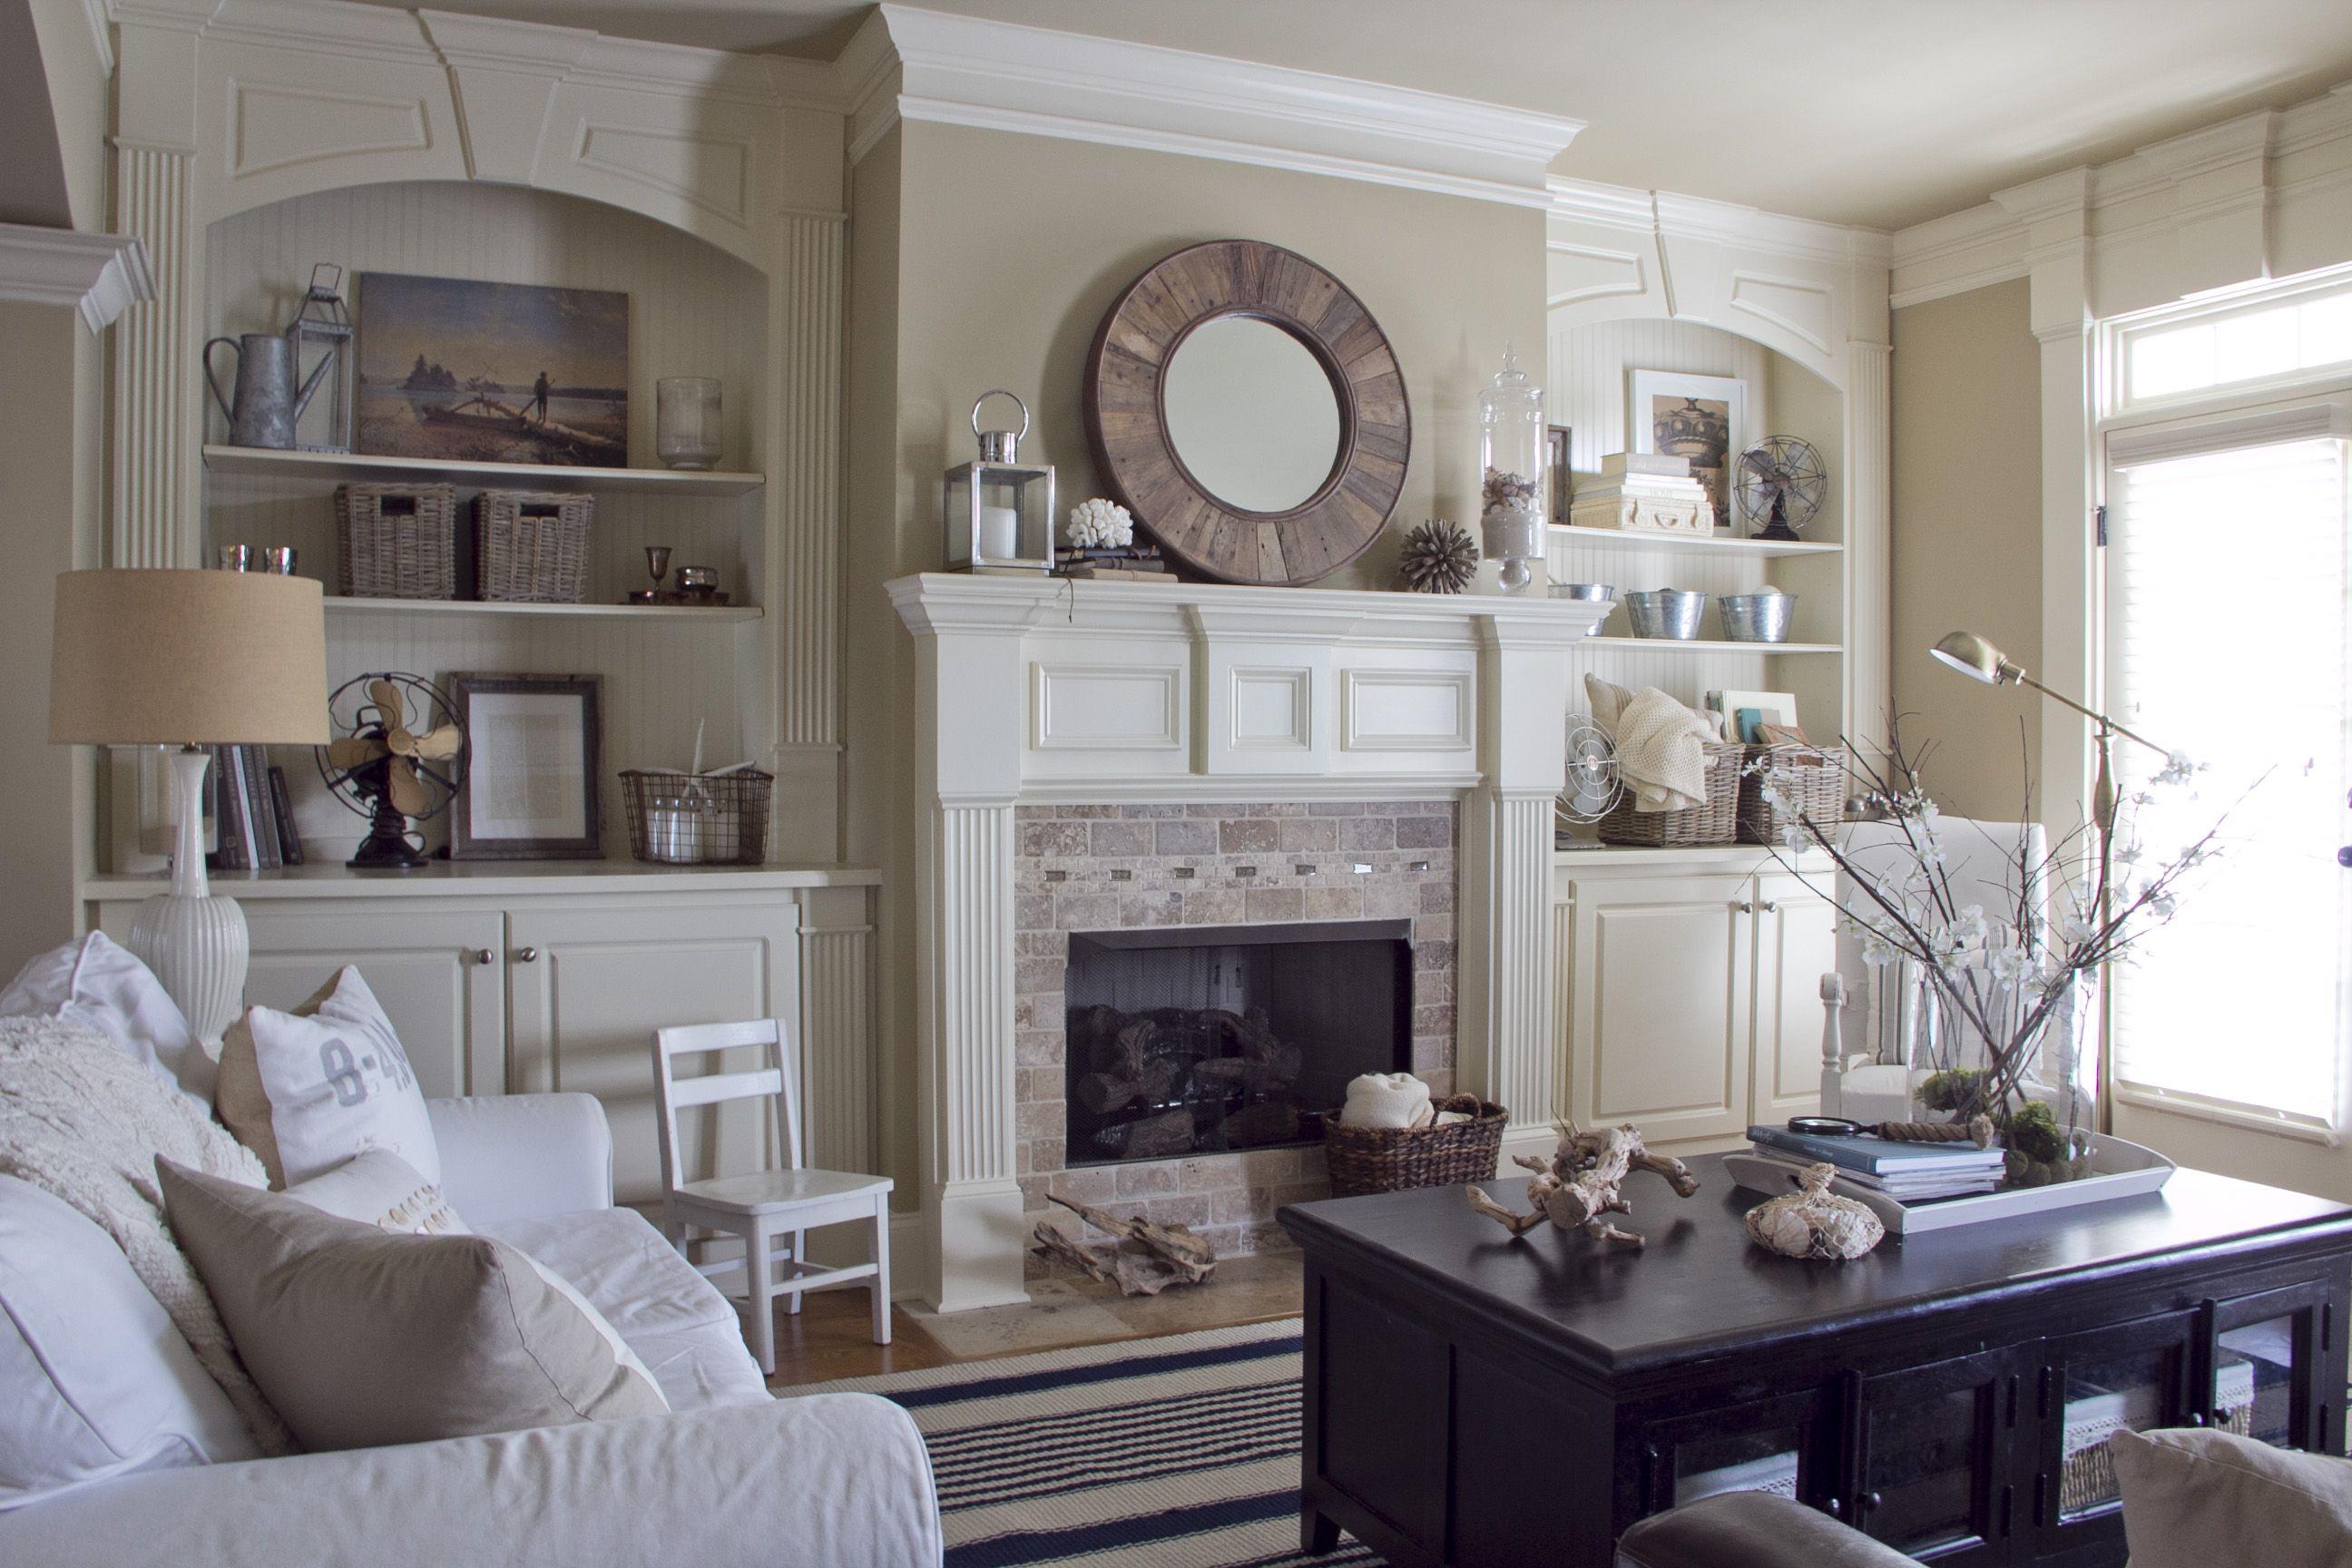 10 Clever Interior Design Tricks To Transform Your Home Fres